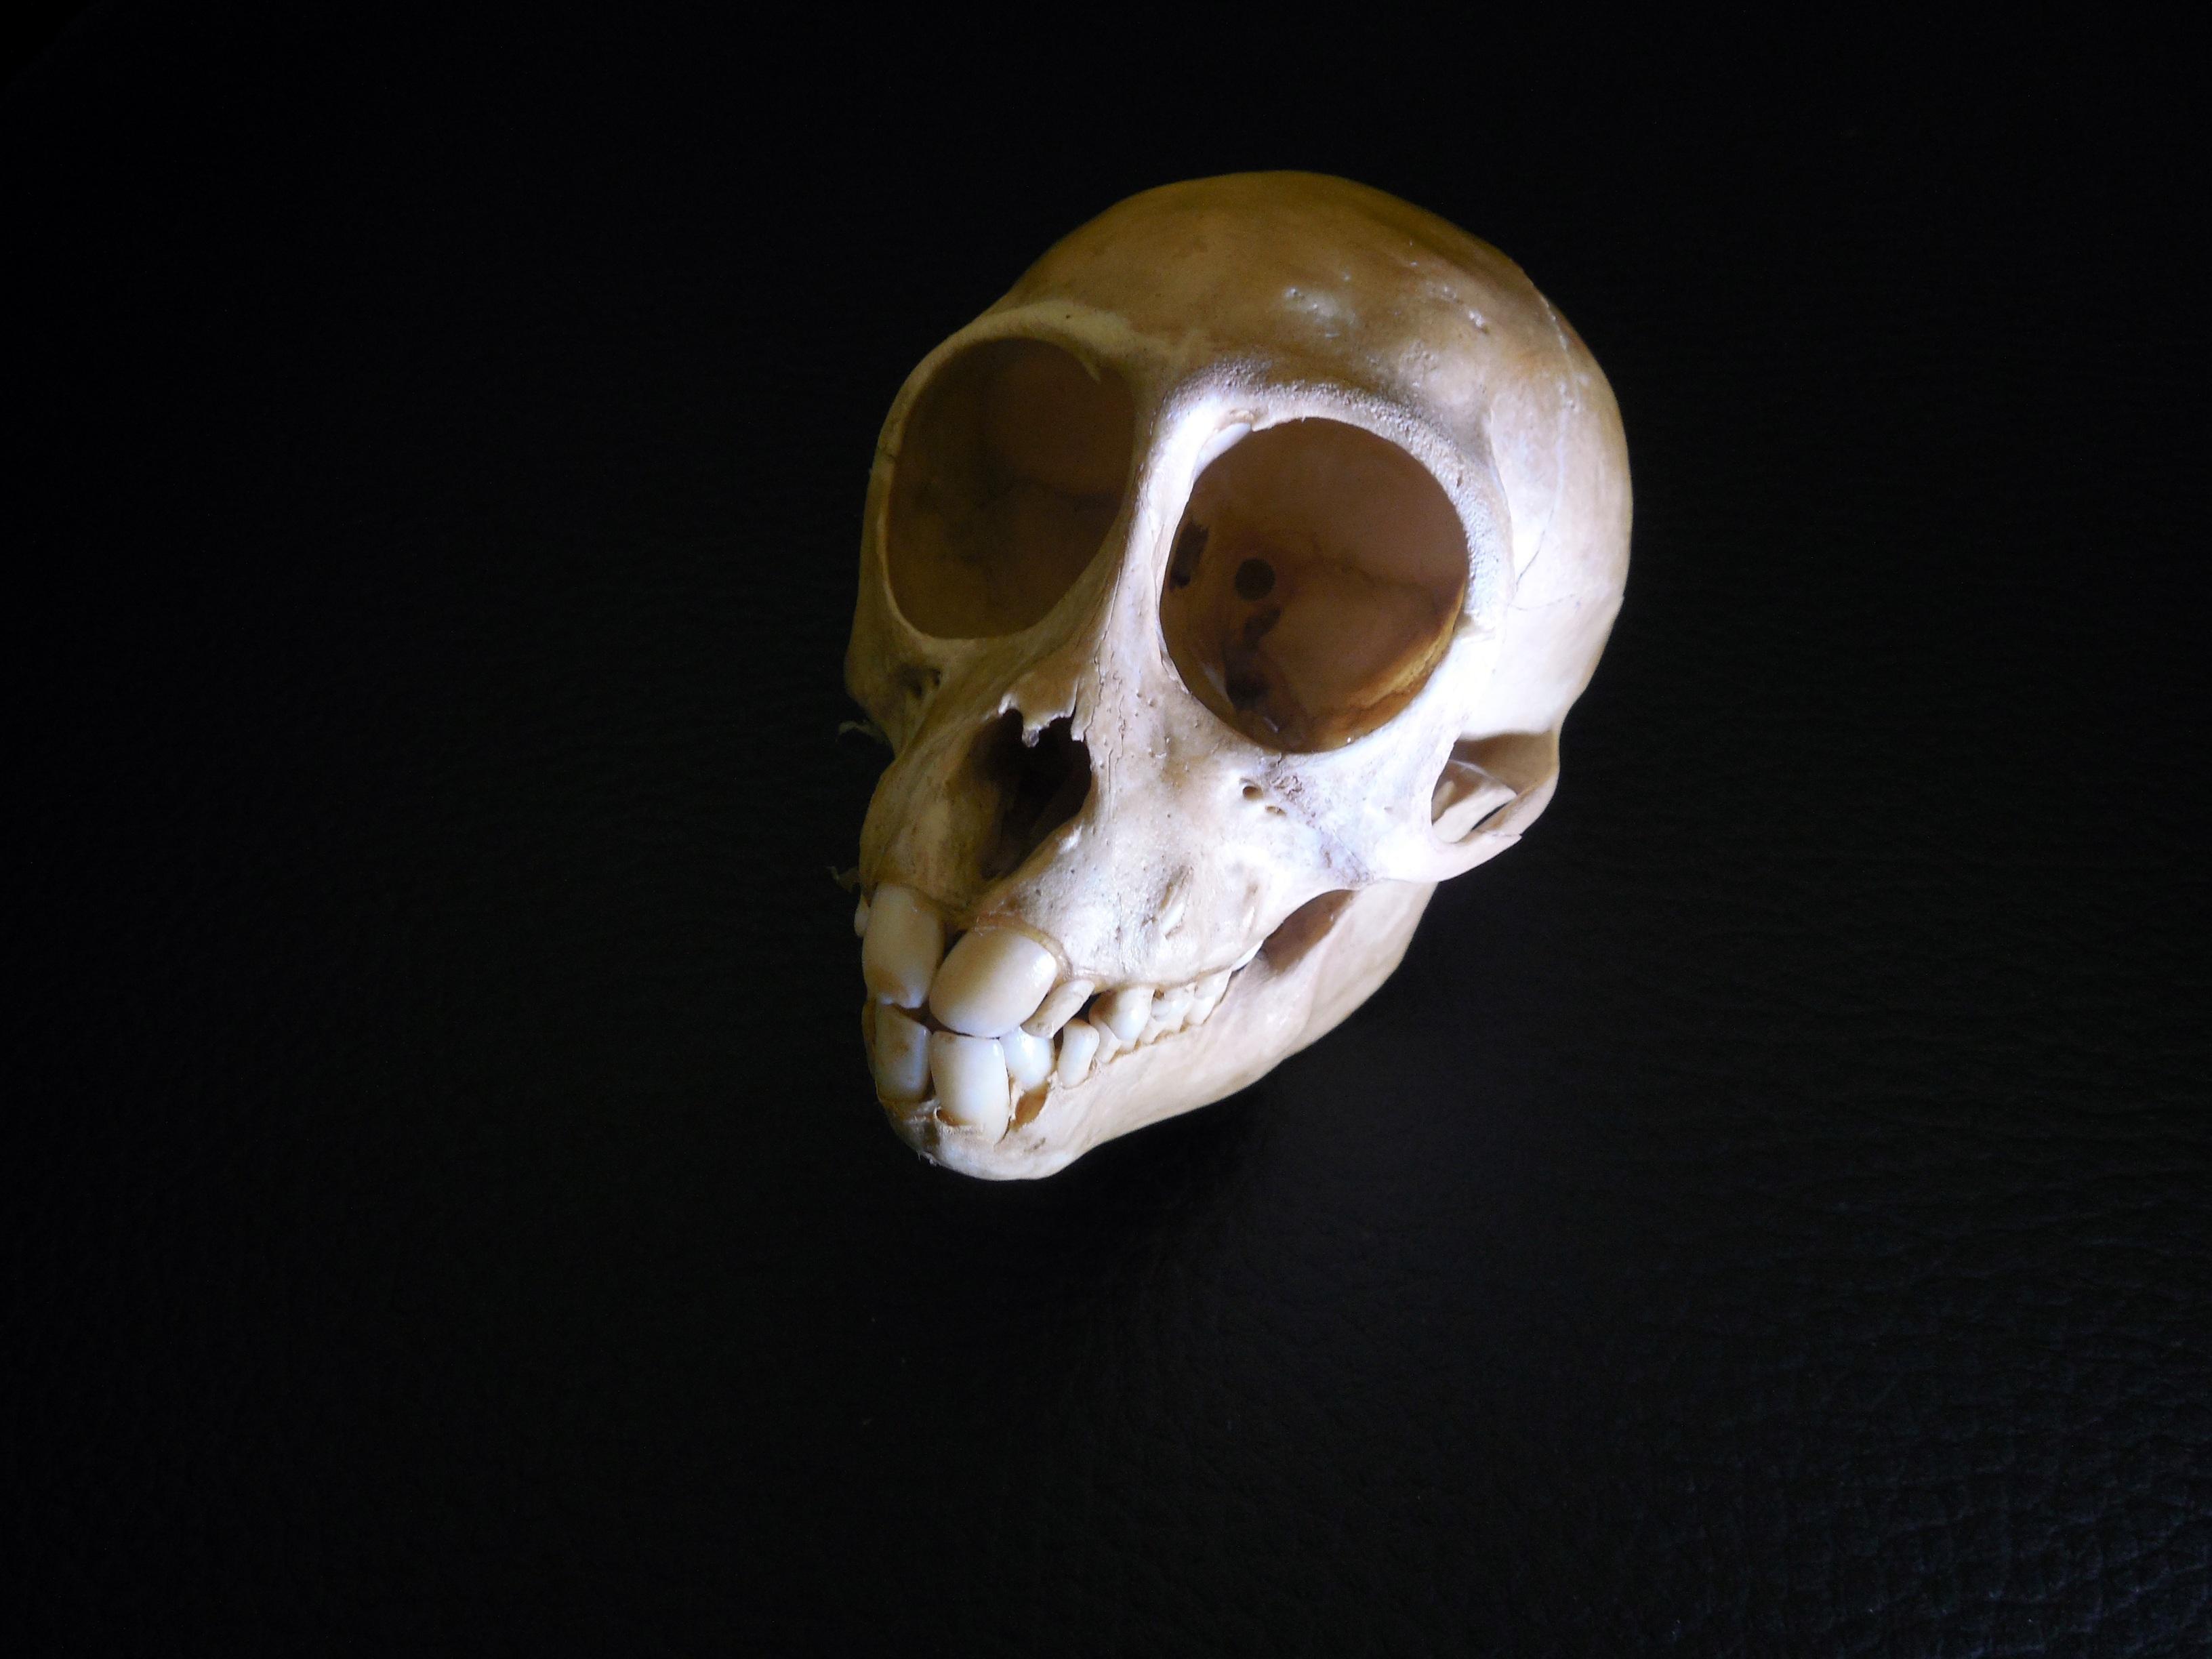 Kostenlose foto : tot, Schädel, Primas, Knochen, Mund, menschlicher ...